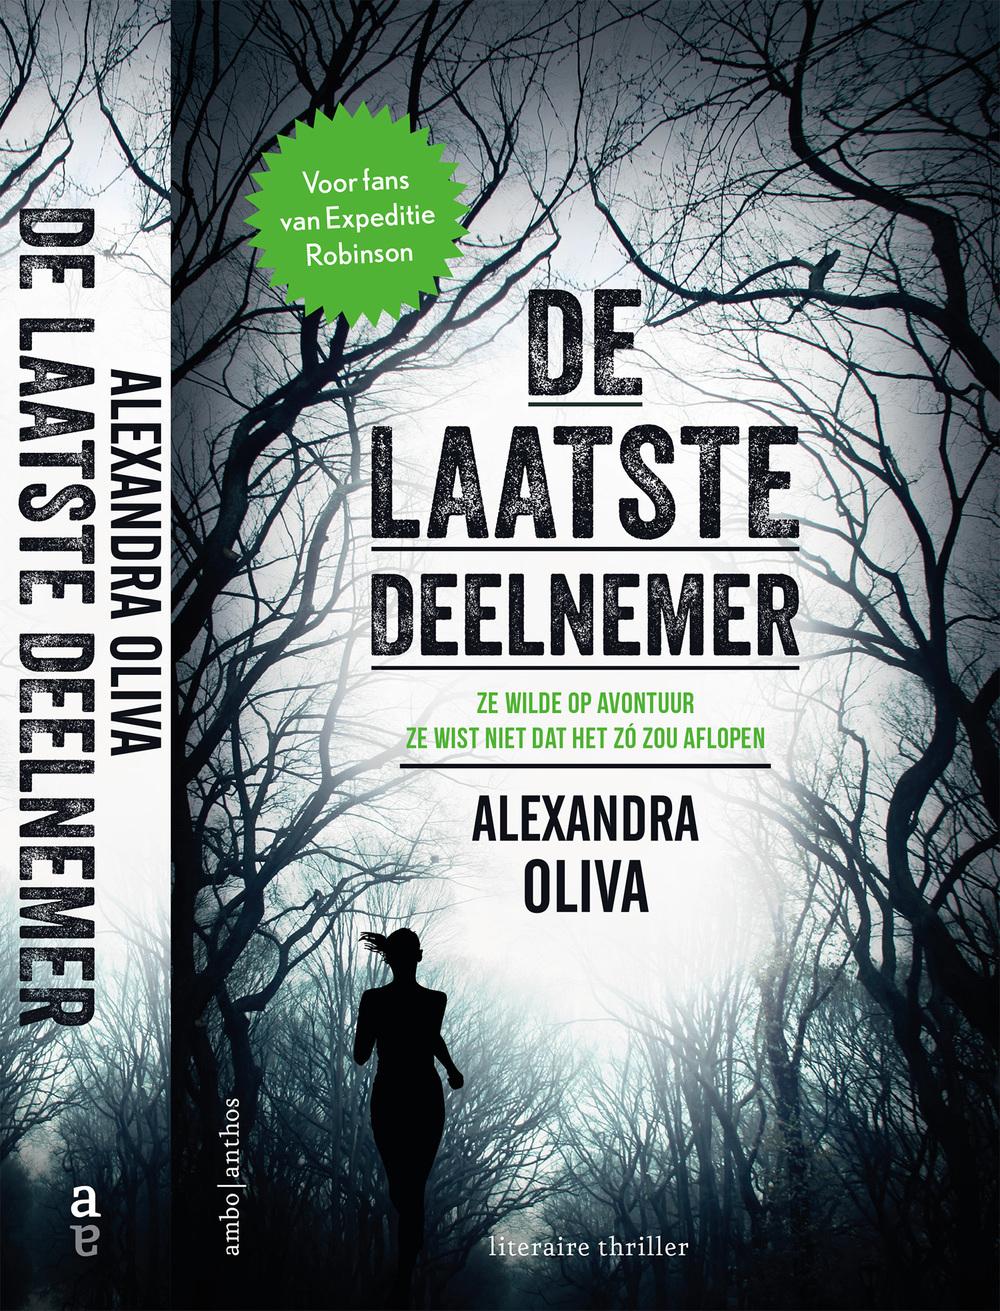 The Netherlands: De Laaste Deelnemer